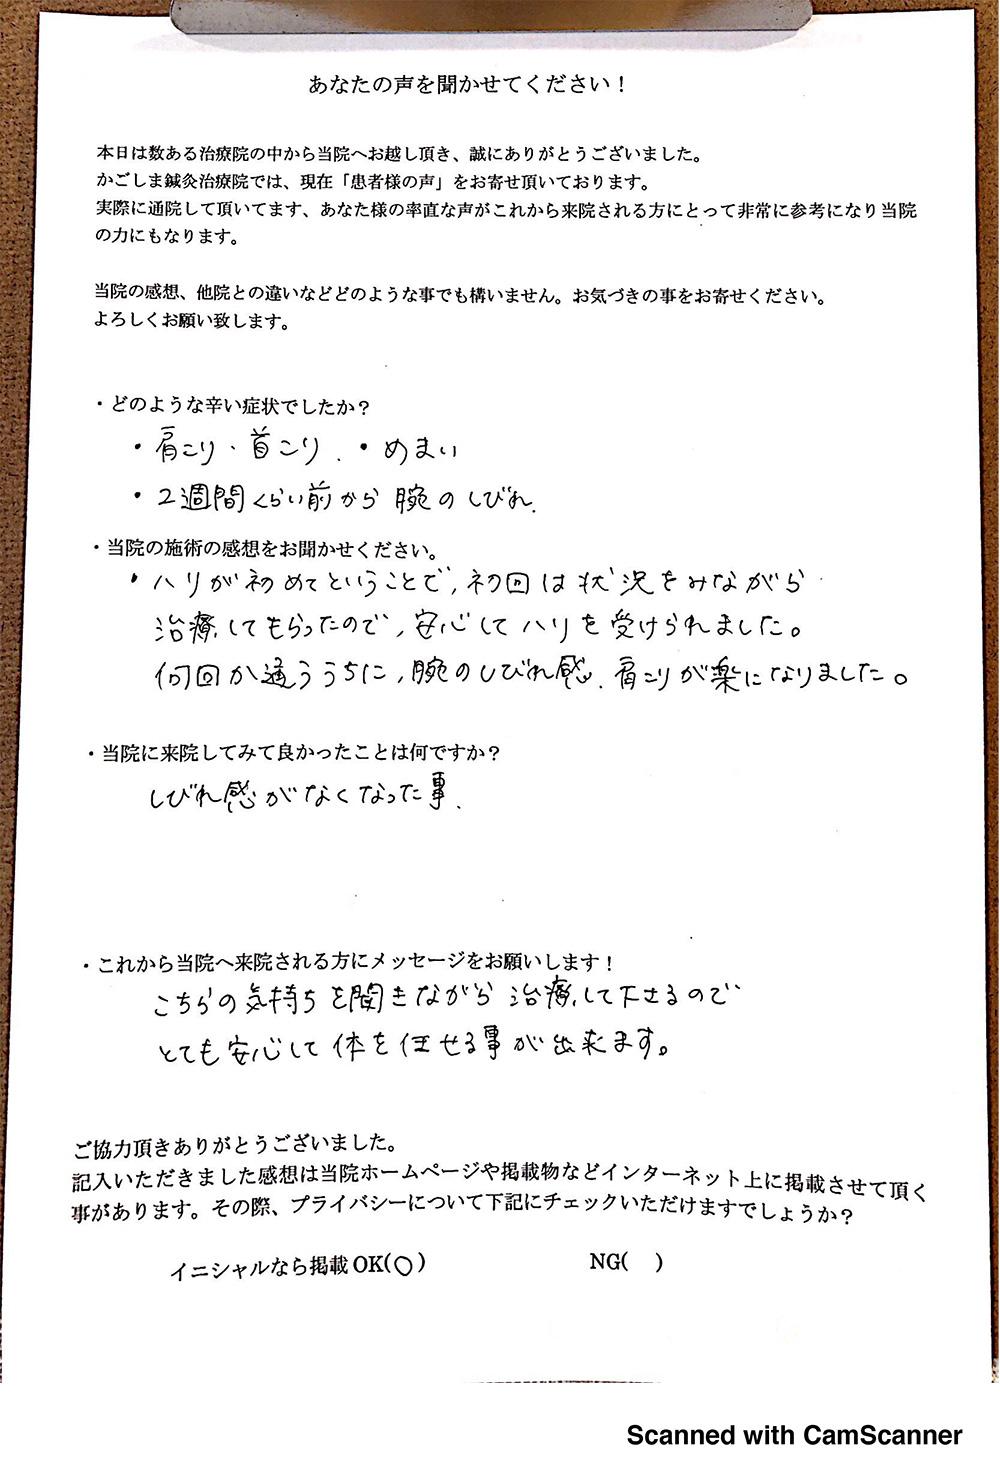 C・K様 東京都 30代 女性